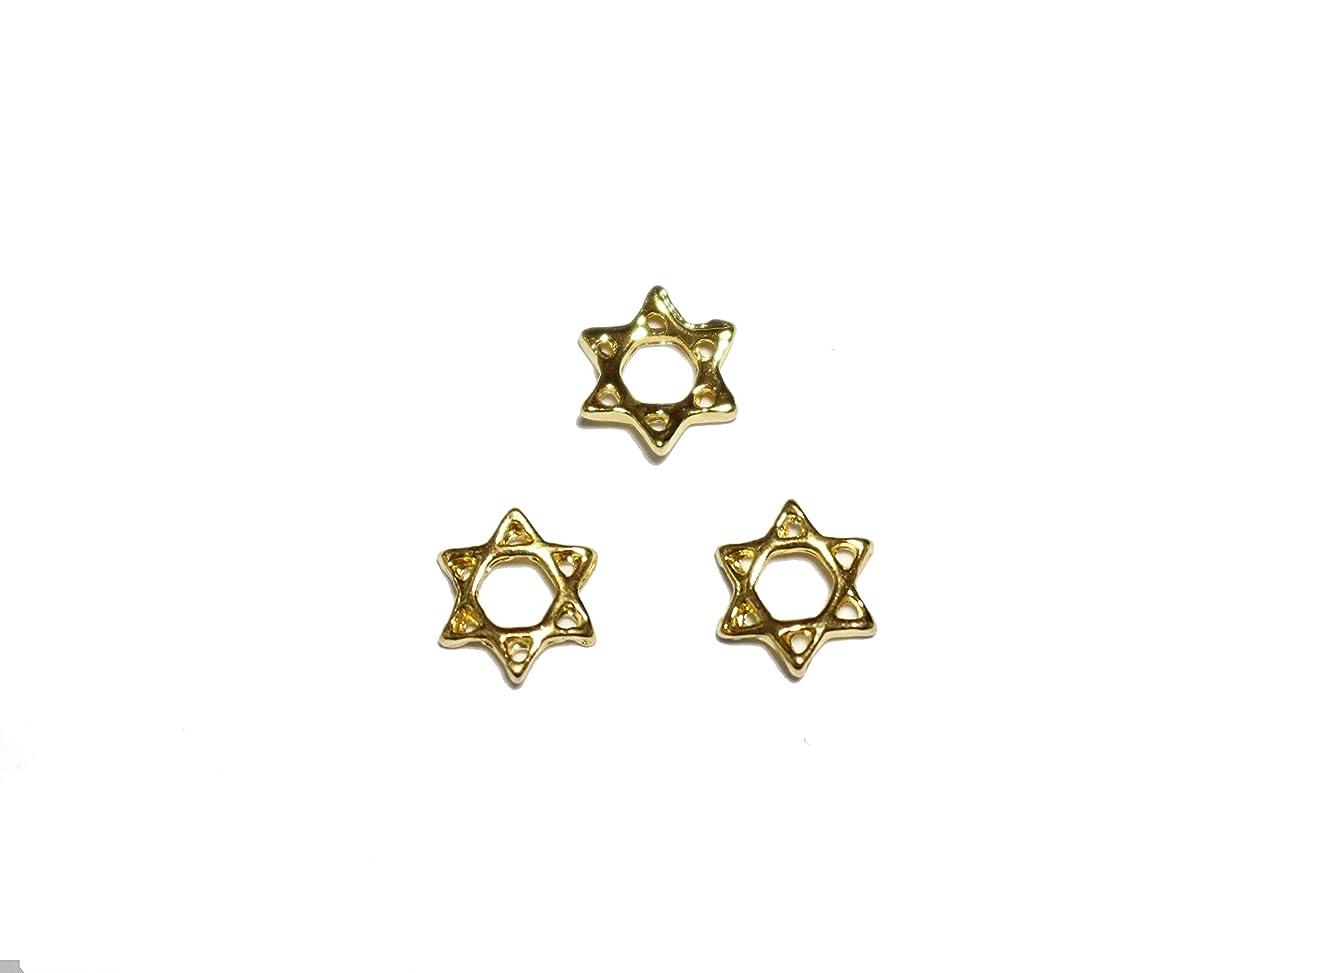 狭い達成するメディア【jewel】メタルネイルパーツ ヘキサグラム 5個入 ゴールドorシルバー 六角星型スタッズ ジェルネイル デコ素材 (ゴールド)